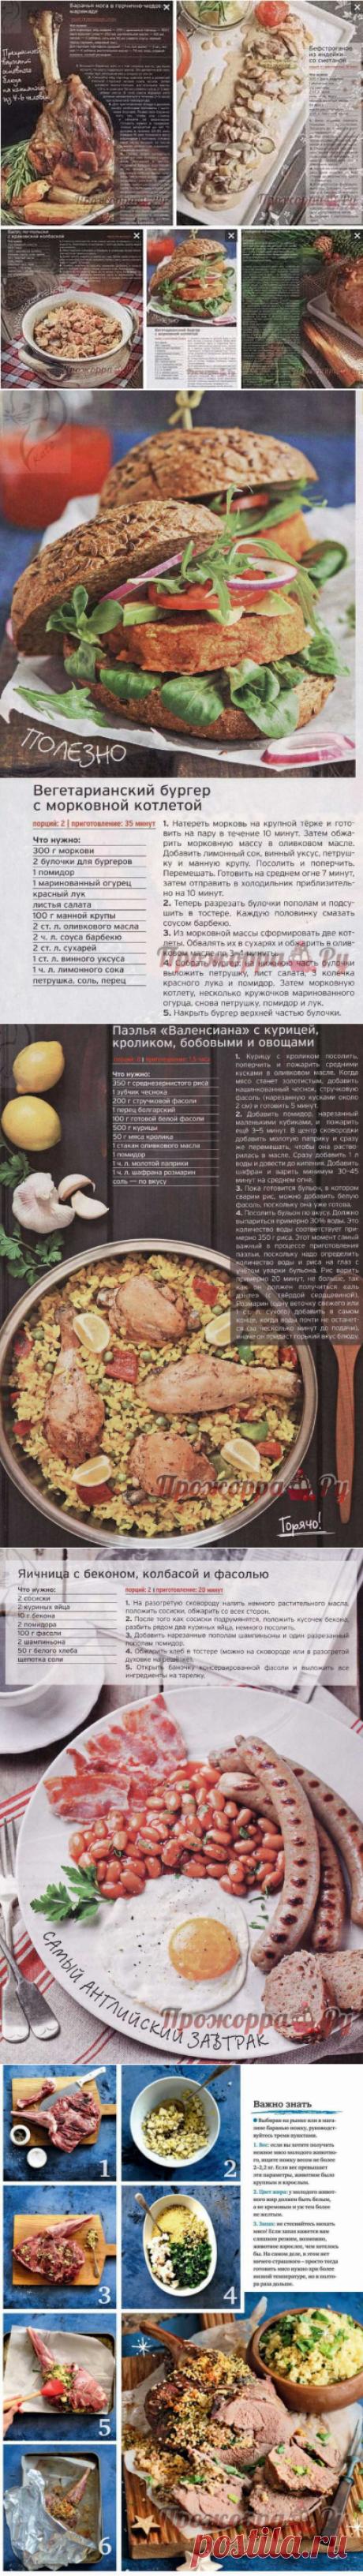 Вторые блюда 1 | Прожоpра.РуПрожоpра.Ру